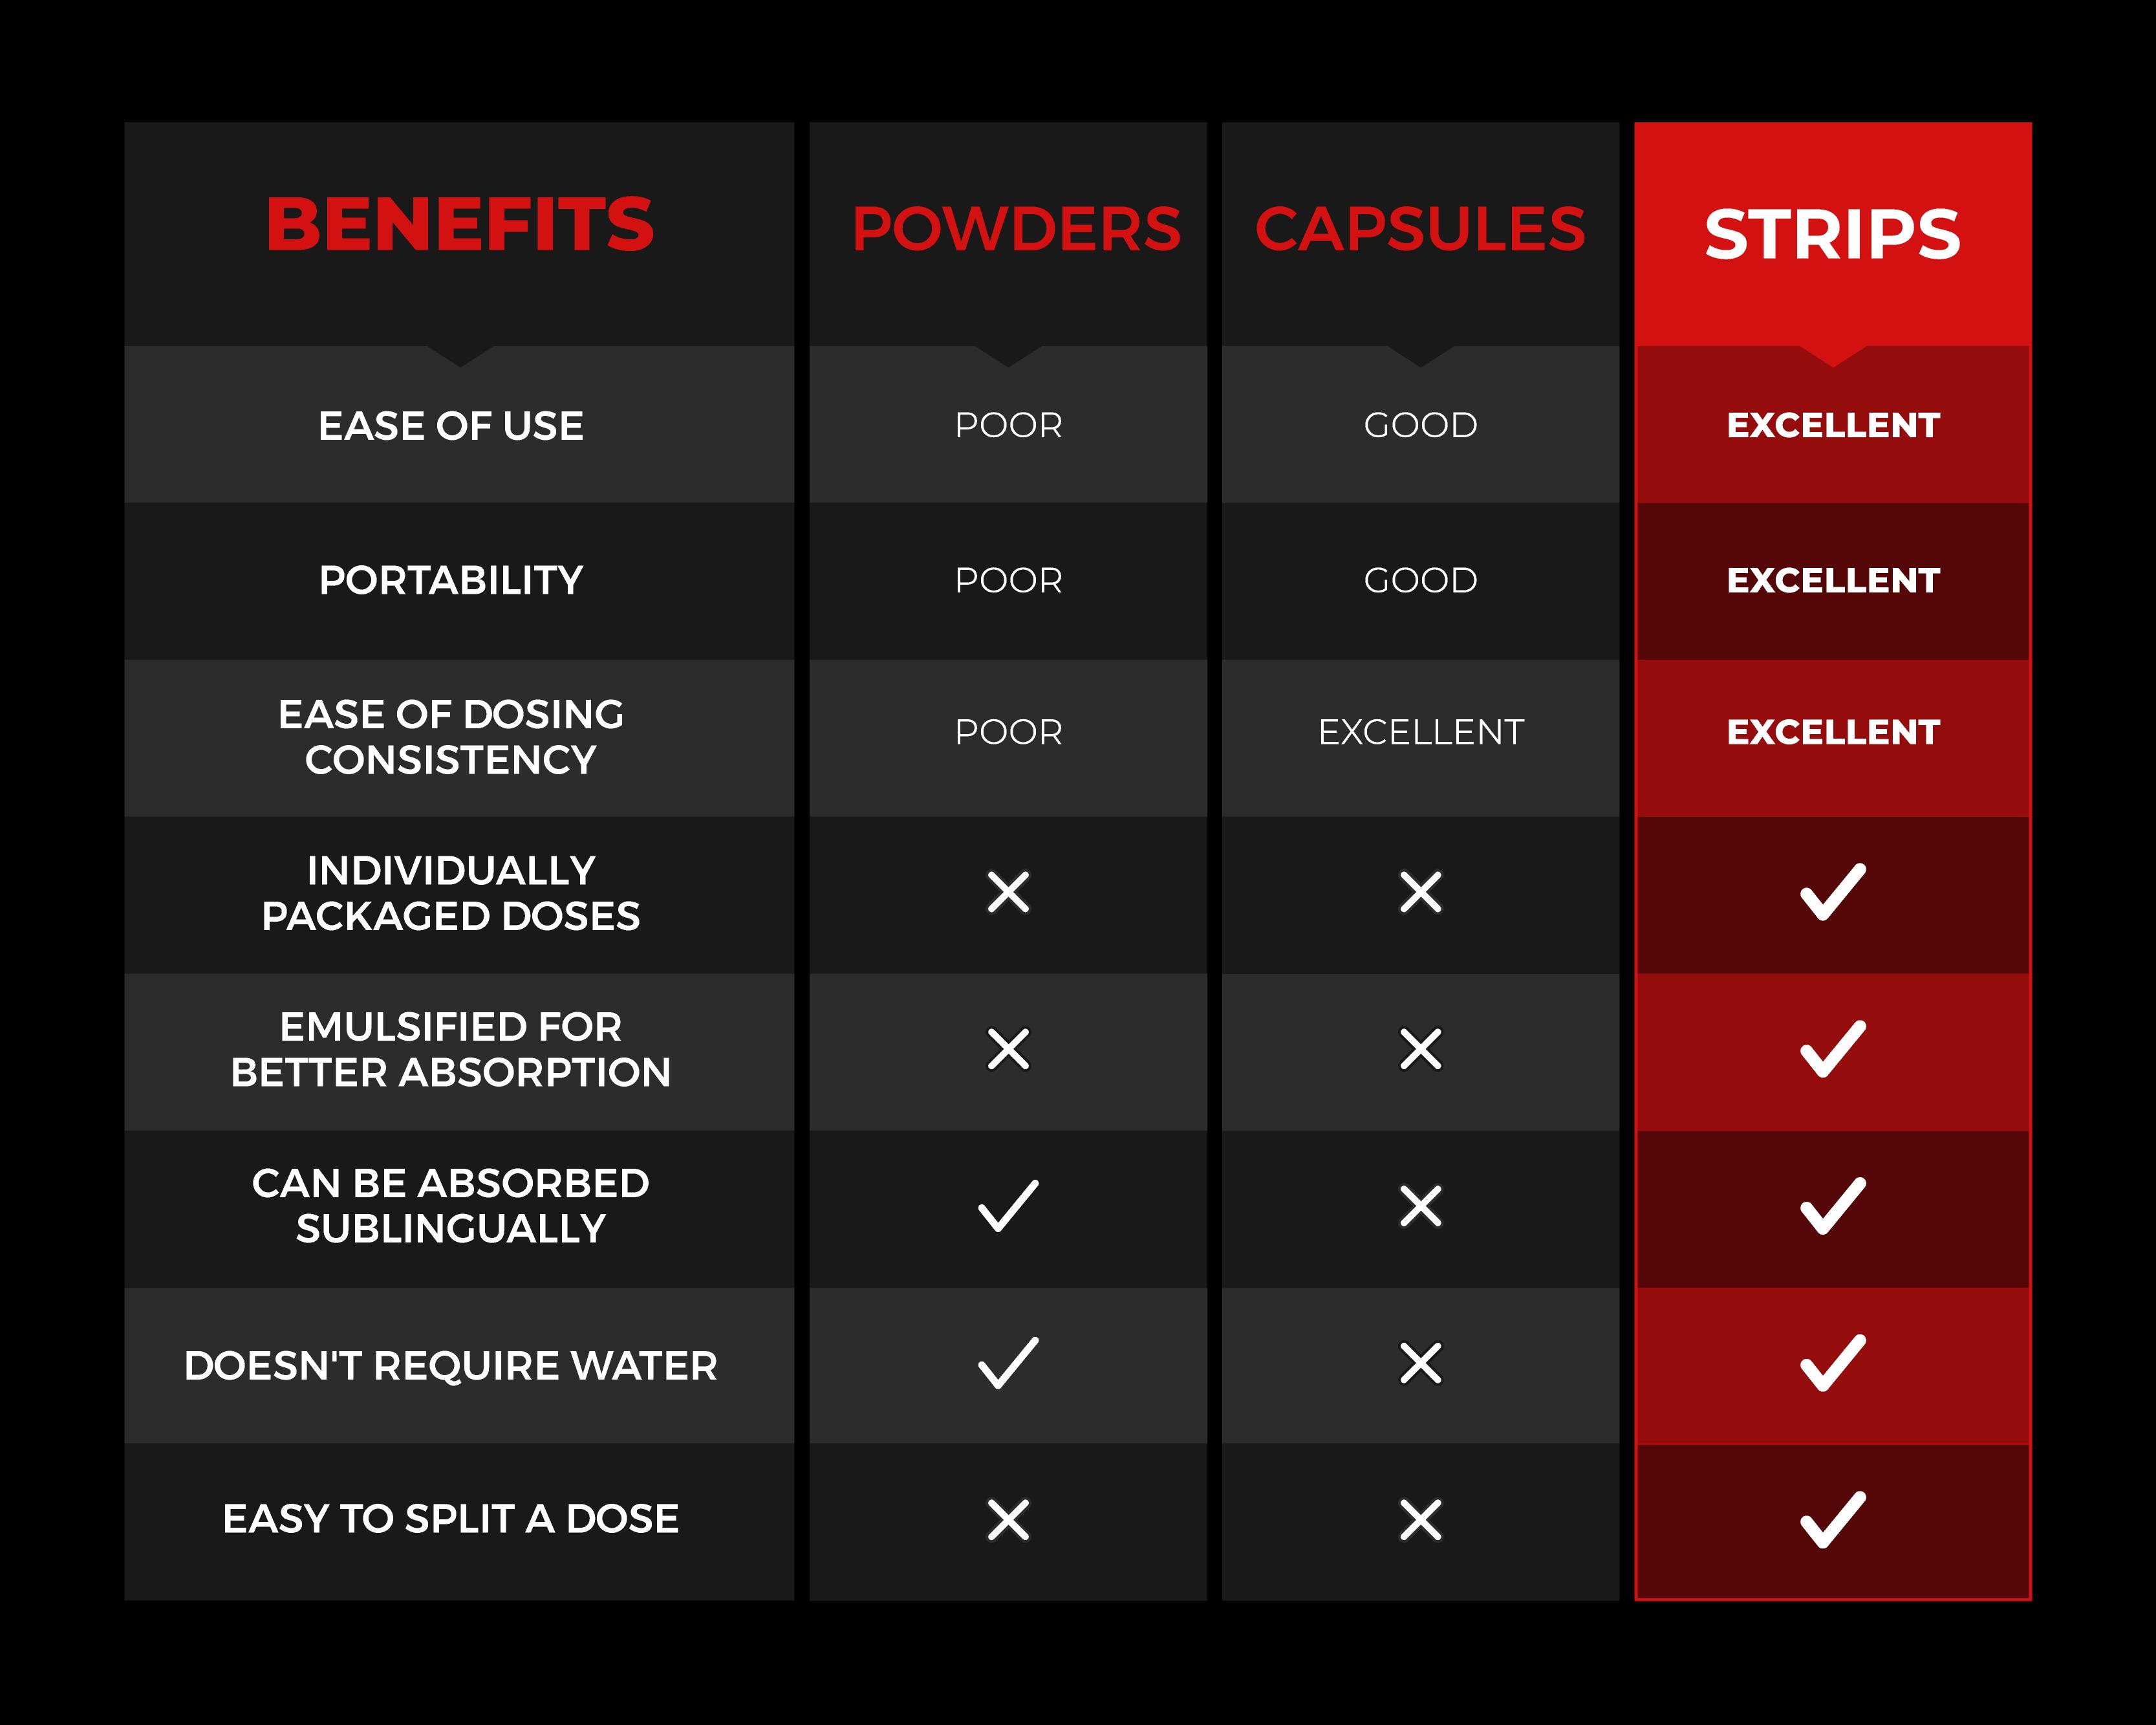 SARM Strips vs SARM Capsules vs SARM Powder